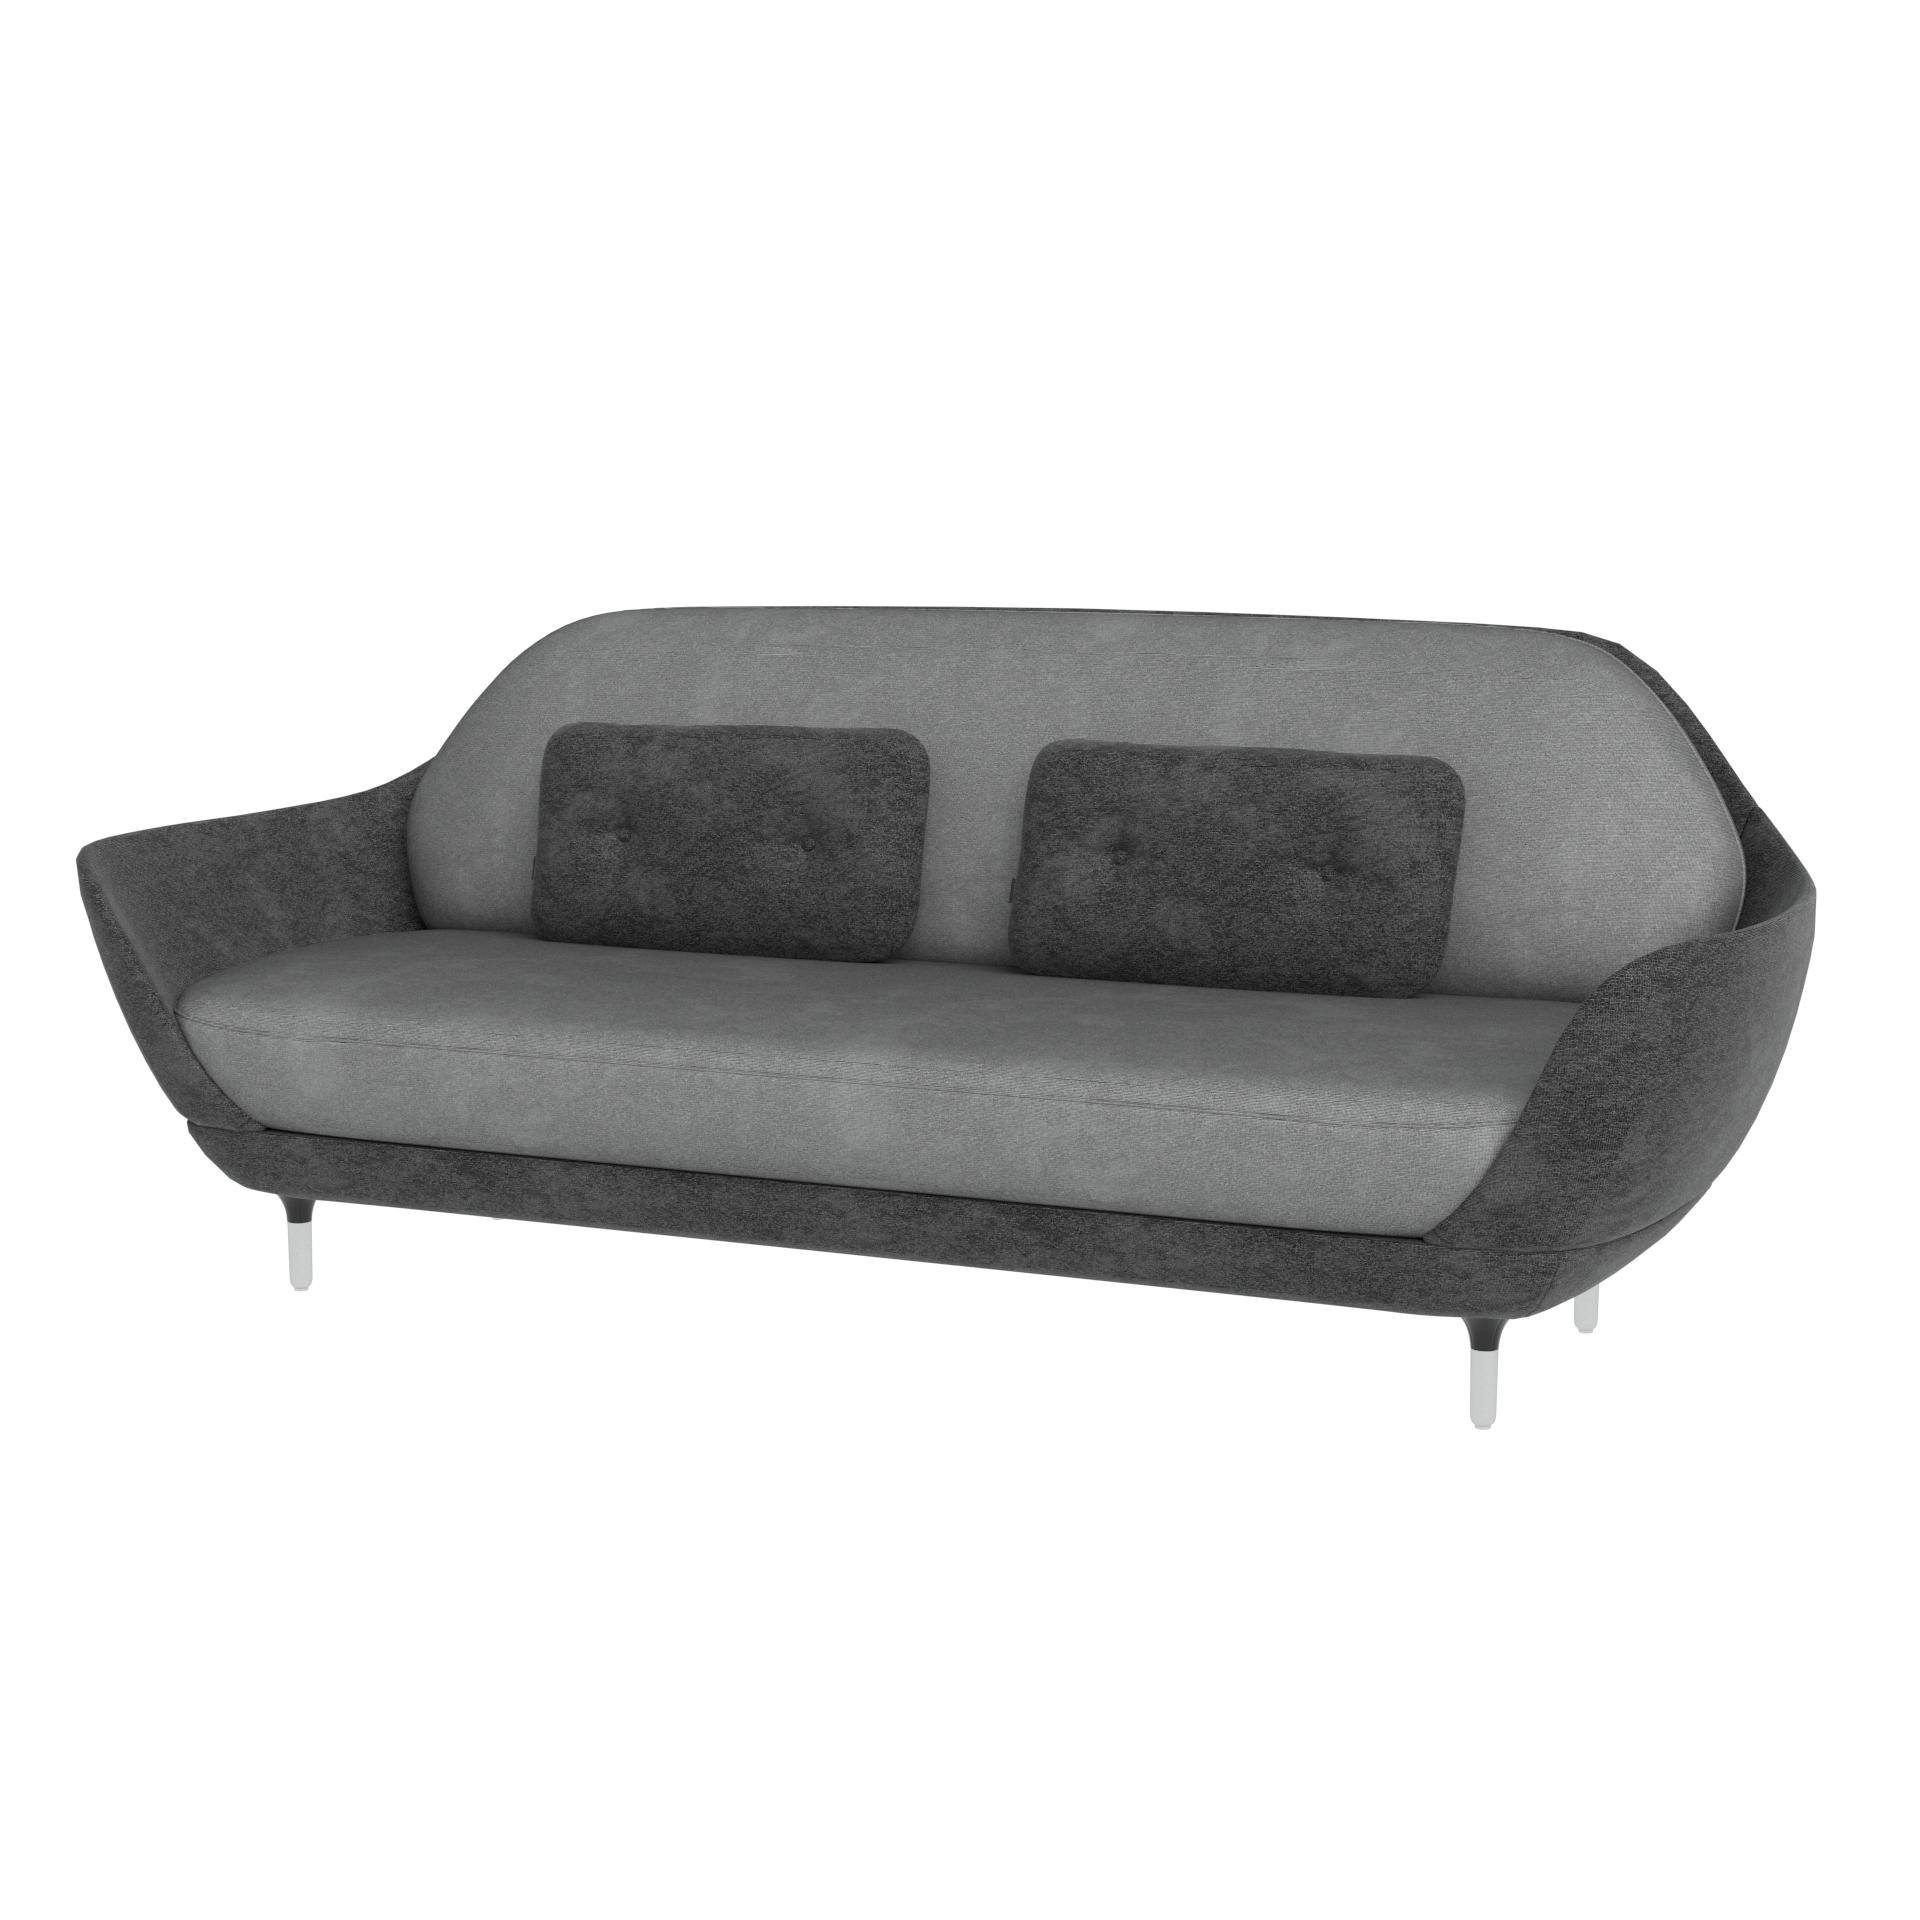 Sofa AI 02 Preview.jpg